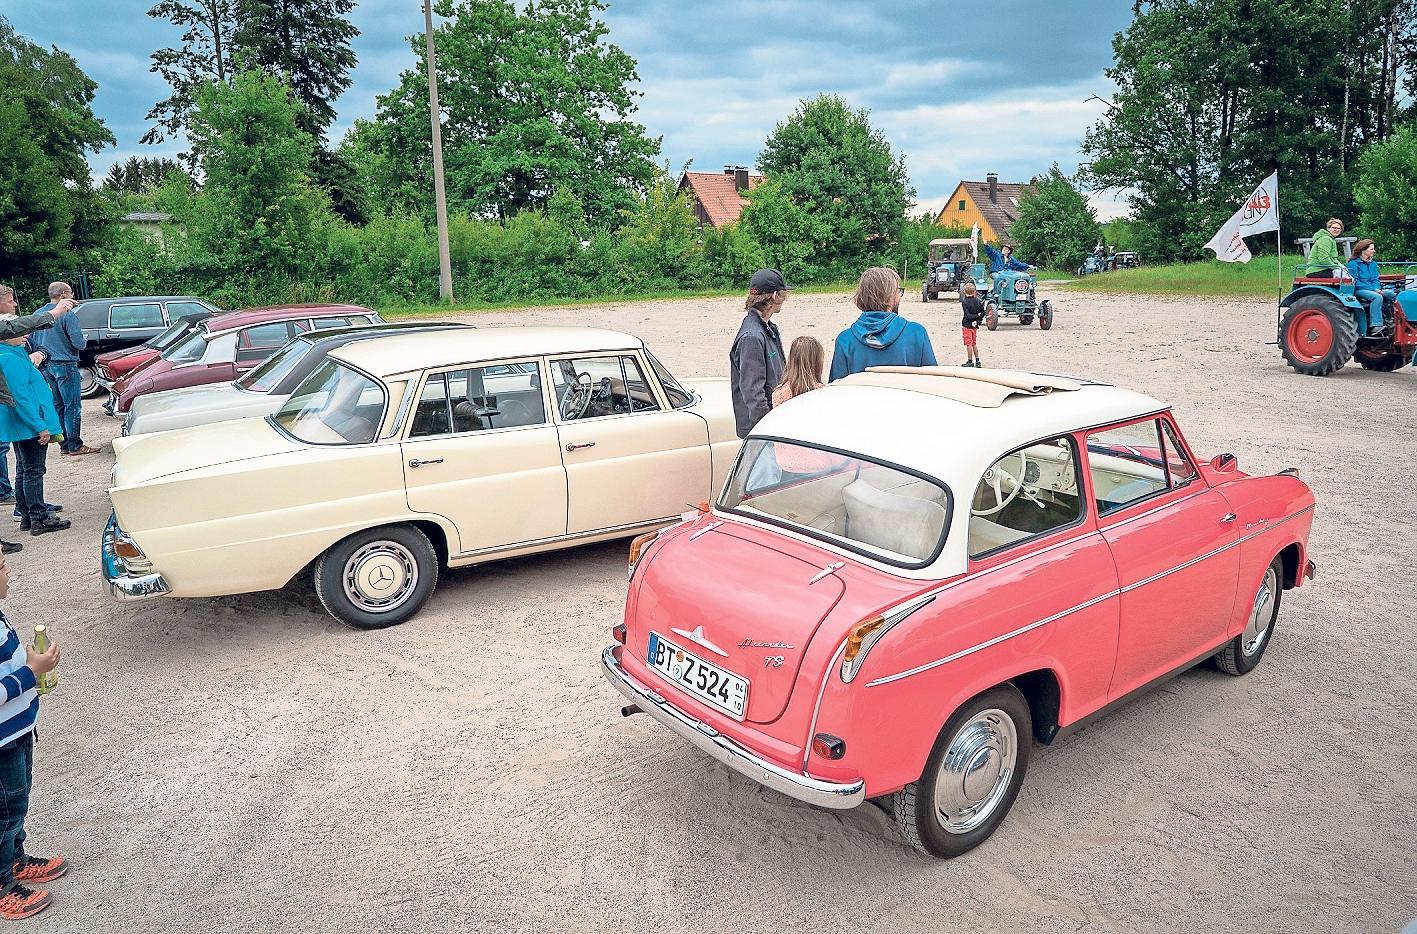 Am Sonntag steigt die Neuauflage des Treffen historischer Fahrzeuge und Landmaschinen am Lerchenbühl. Foto: Eric Waha